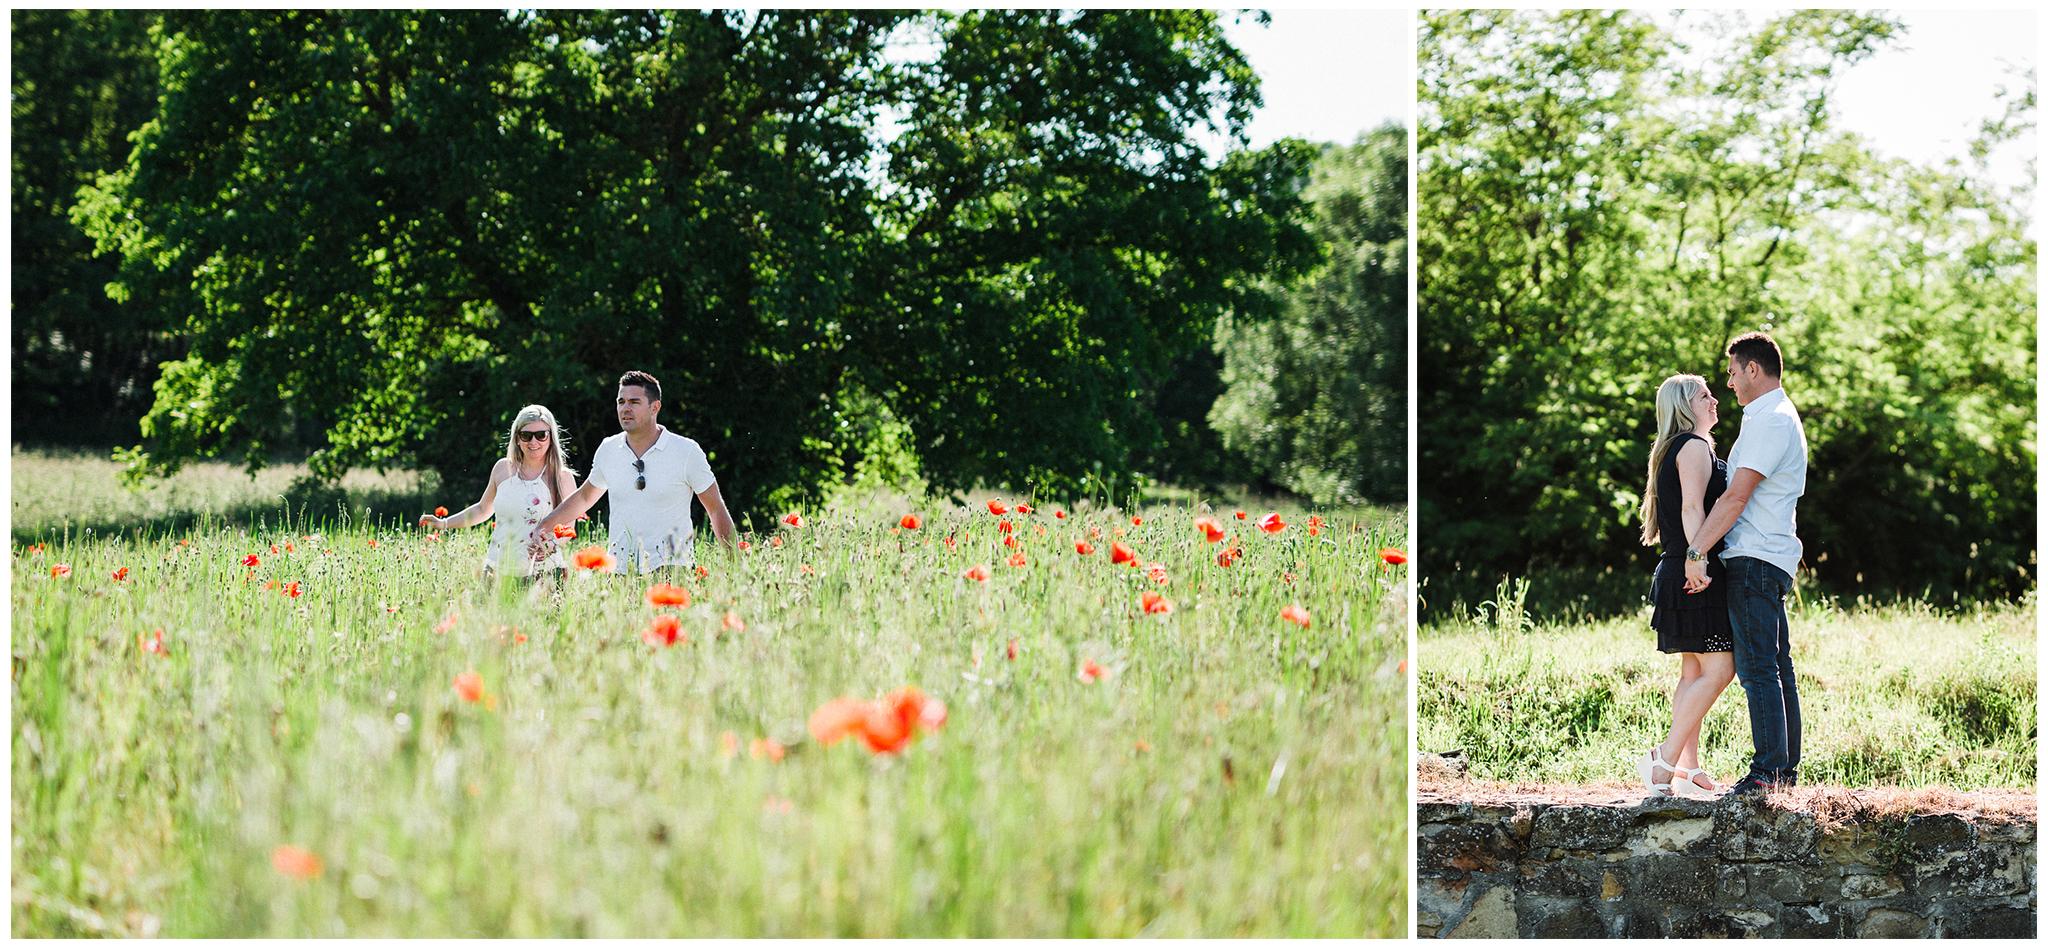 MONT_FylepPhoto, Esküvőfotós Vasmegye, Esküvő fotózás, Esküvői fotós, Körmend, Vas megye, Dunántúl, Budapest, Balaton, Fülöp Péter, Jegyes fotózás, jegyesfotó_Barb&Zoli,2018_6.jpg